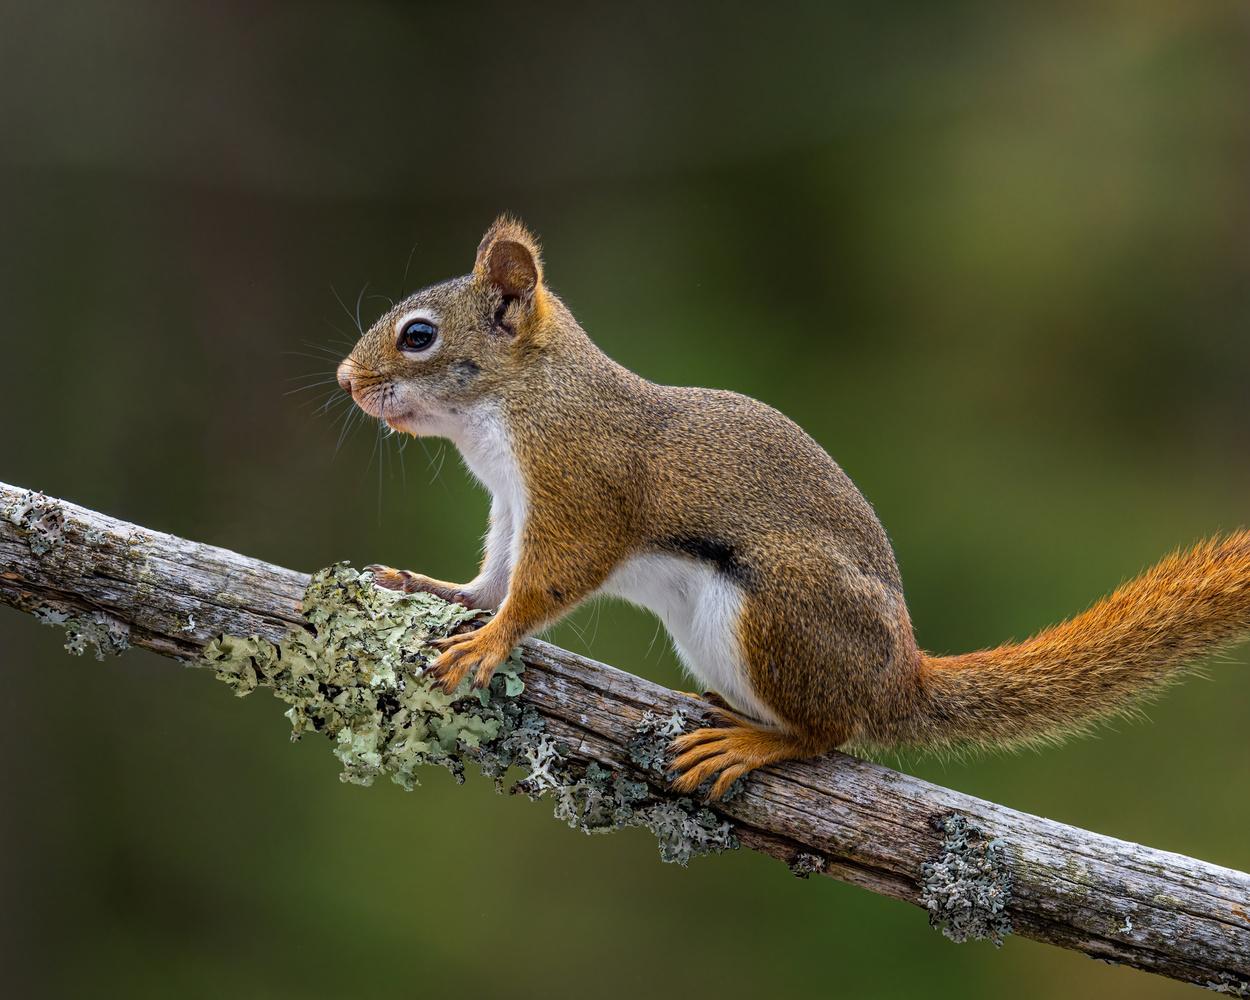 Squirrel by Skyler Ewing